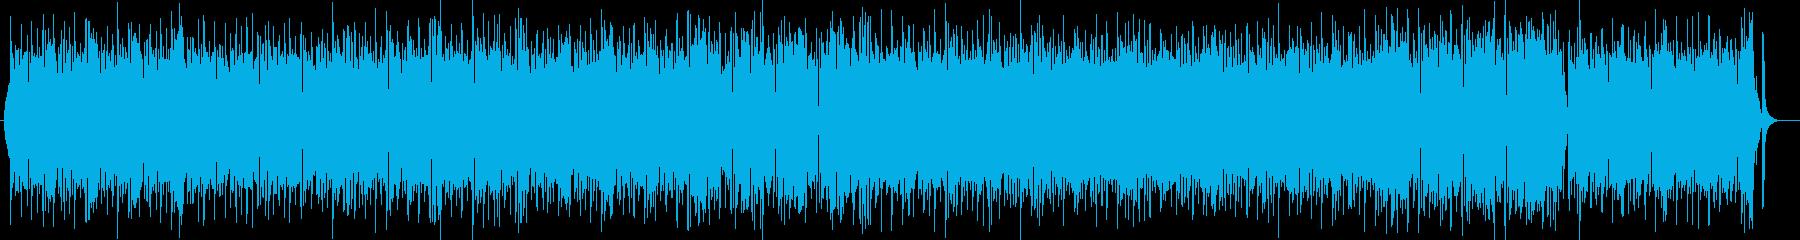 おしゃれなシンセ・ドラムなどのポップ曲の再生済みの波形